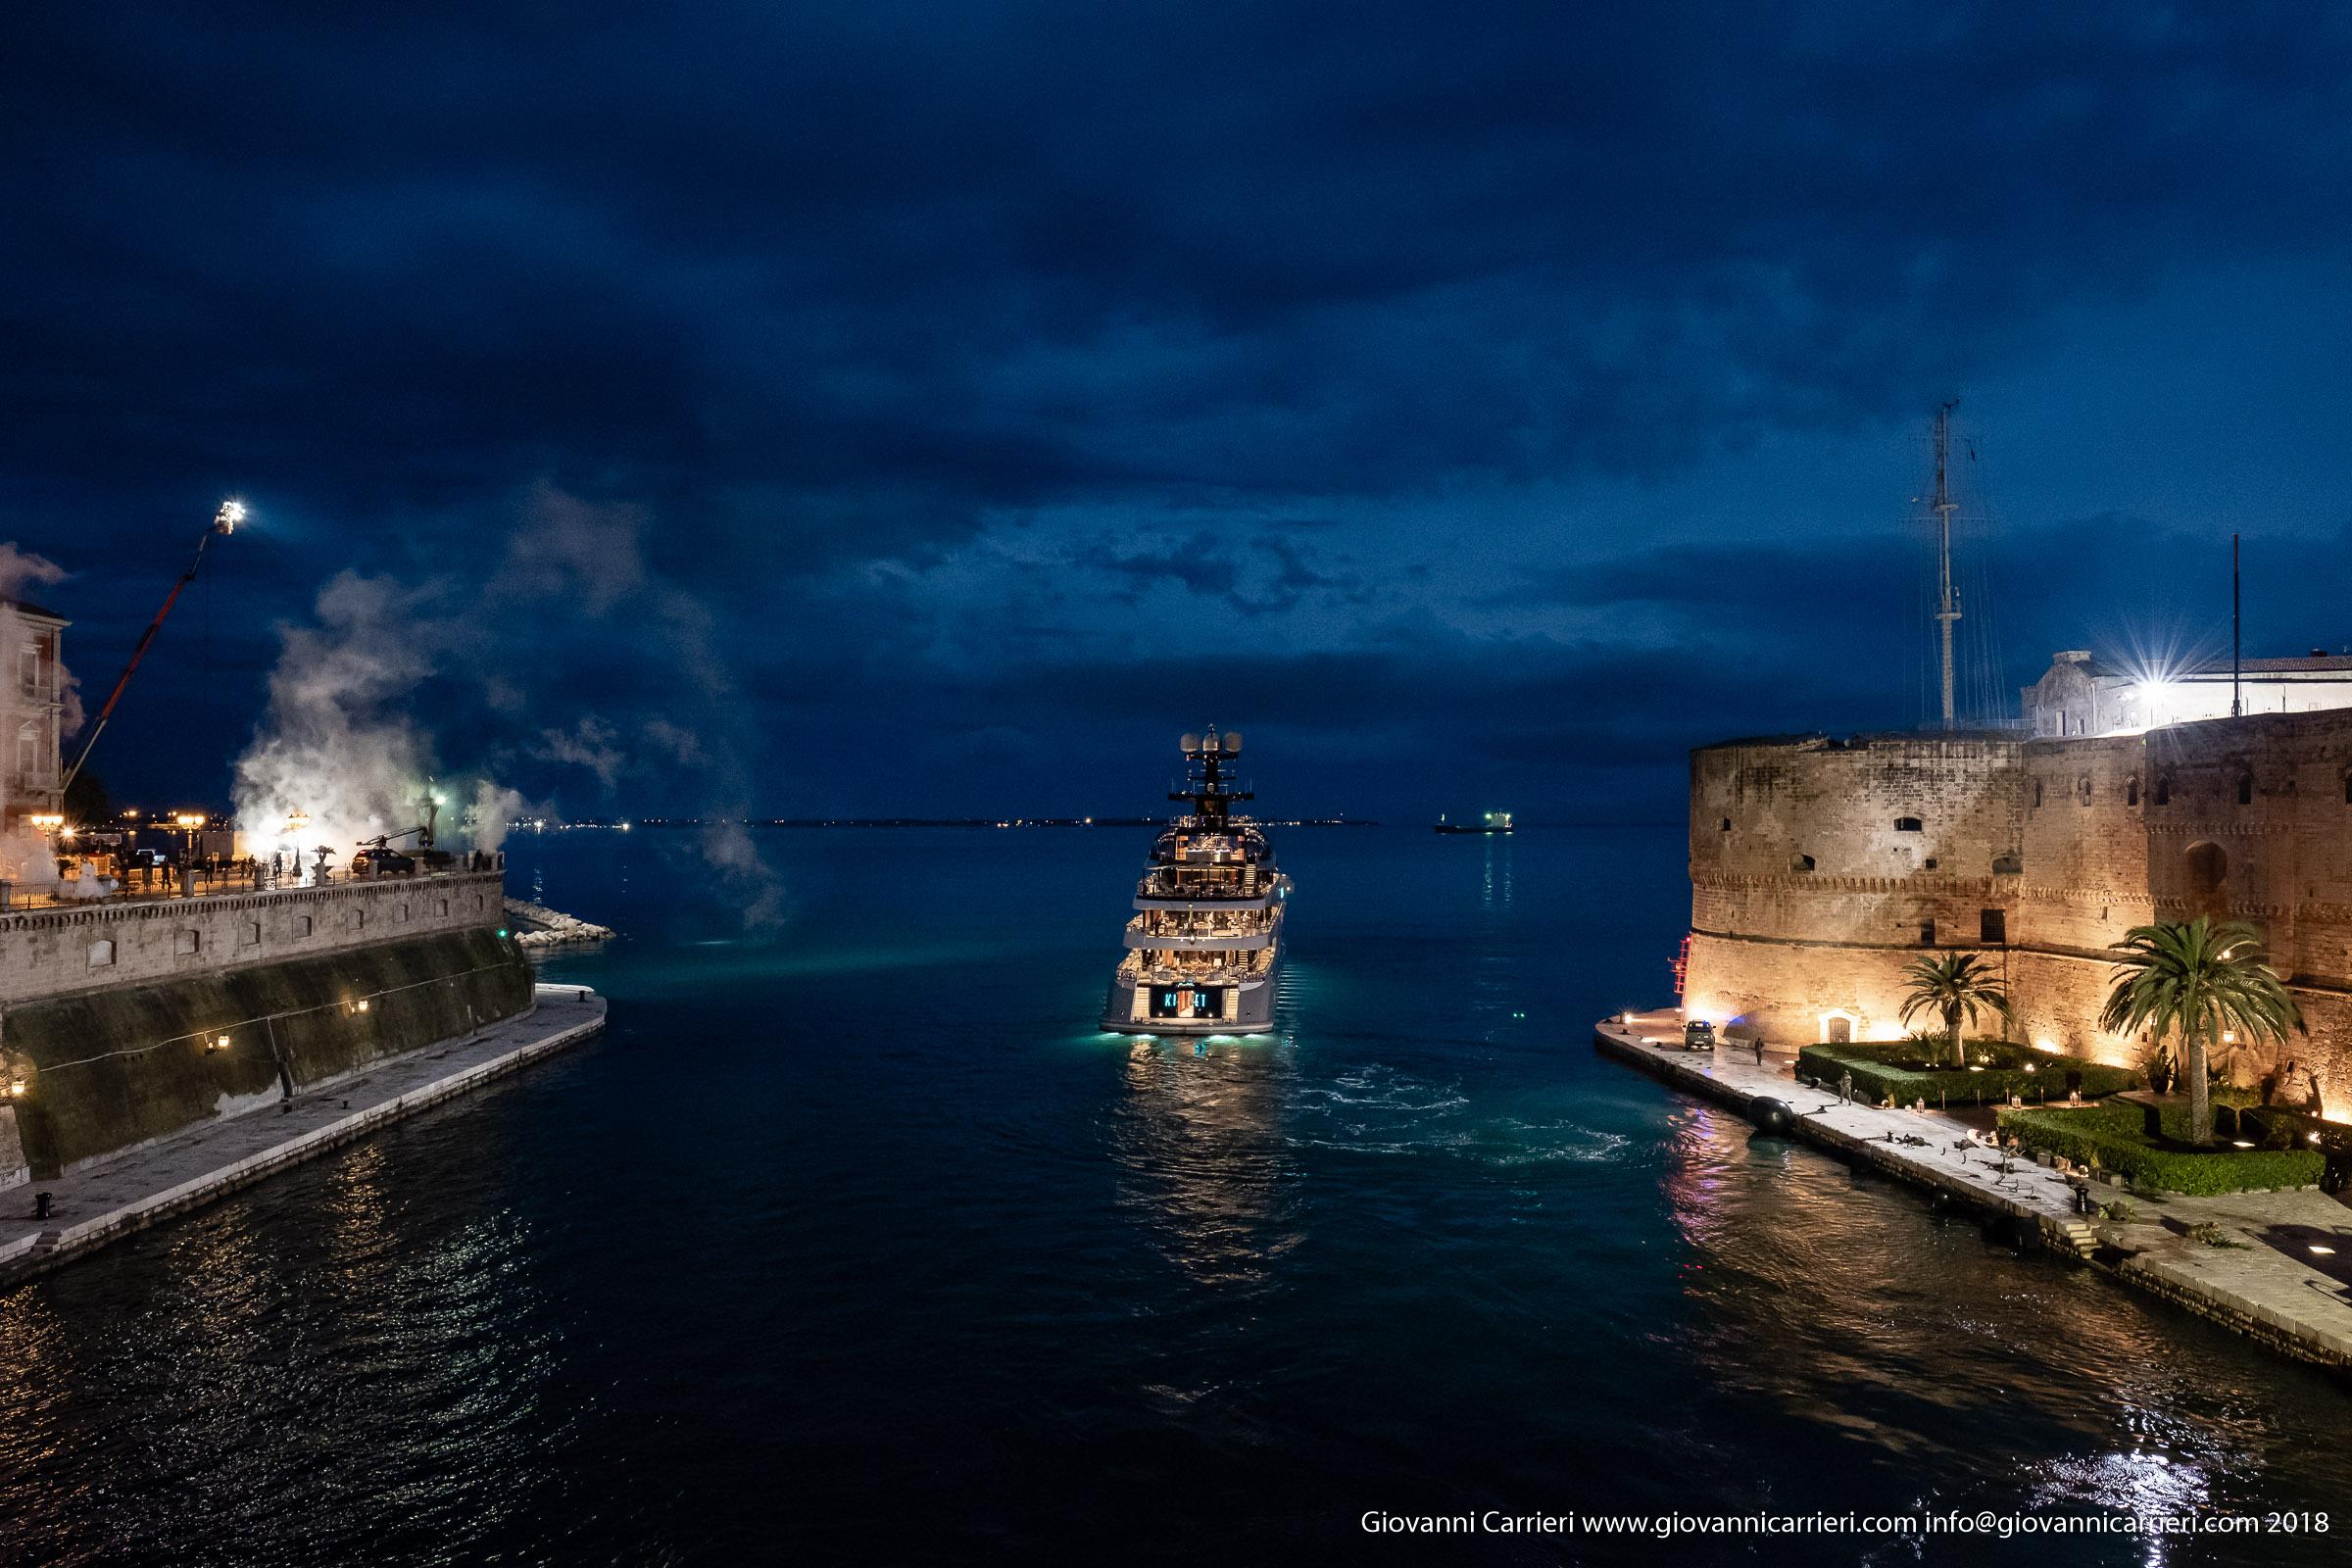 Vista dal ponte girevole durante le riprese del film Six Underground, Taranto